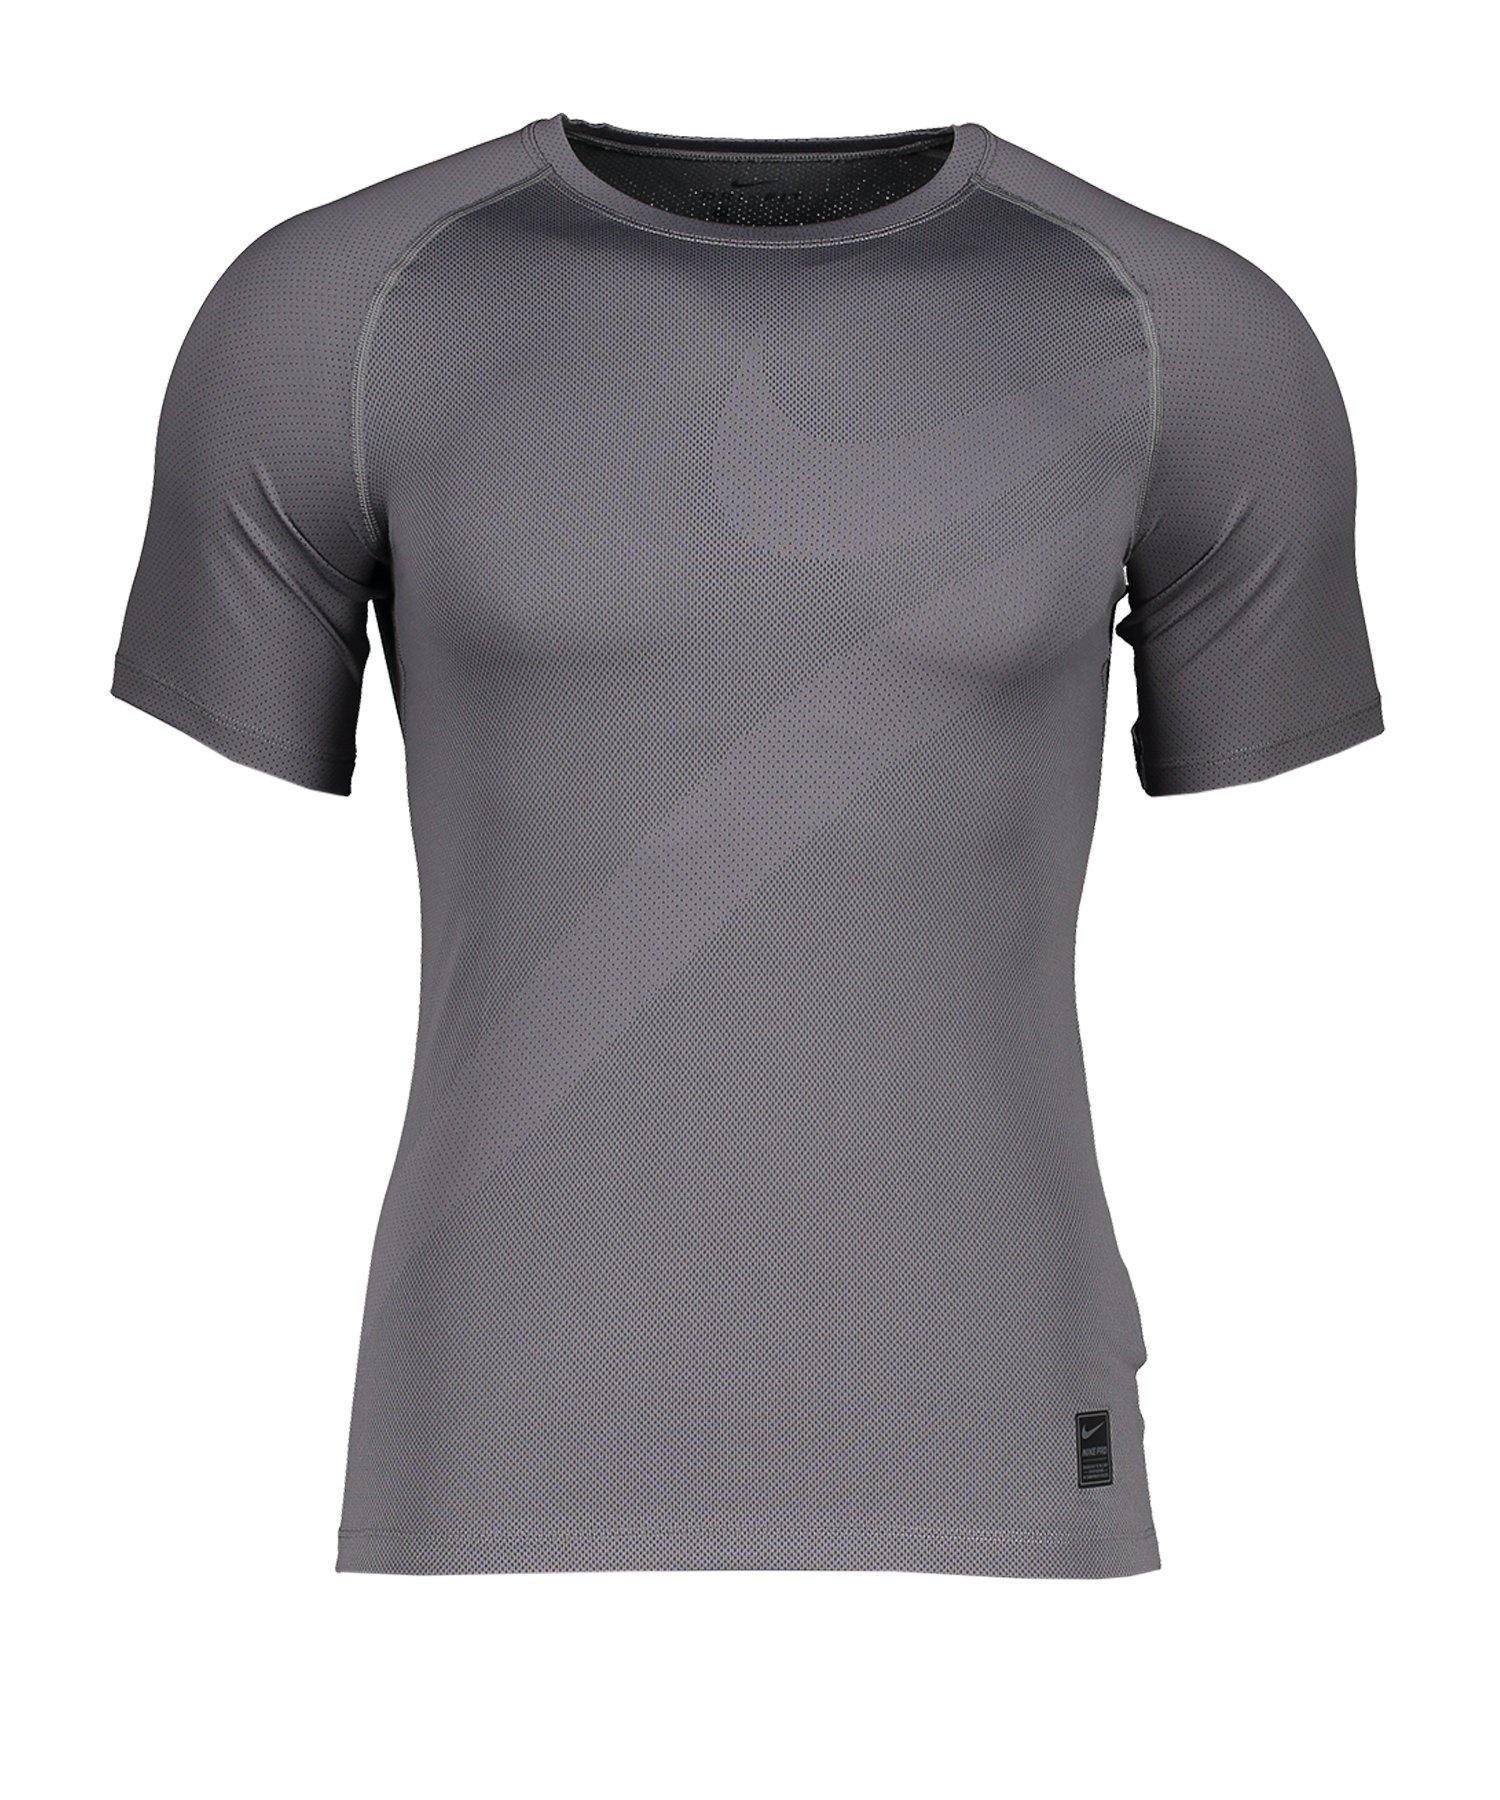 Nike Pro Shortsleeve Shirt Grau F056 - grau